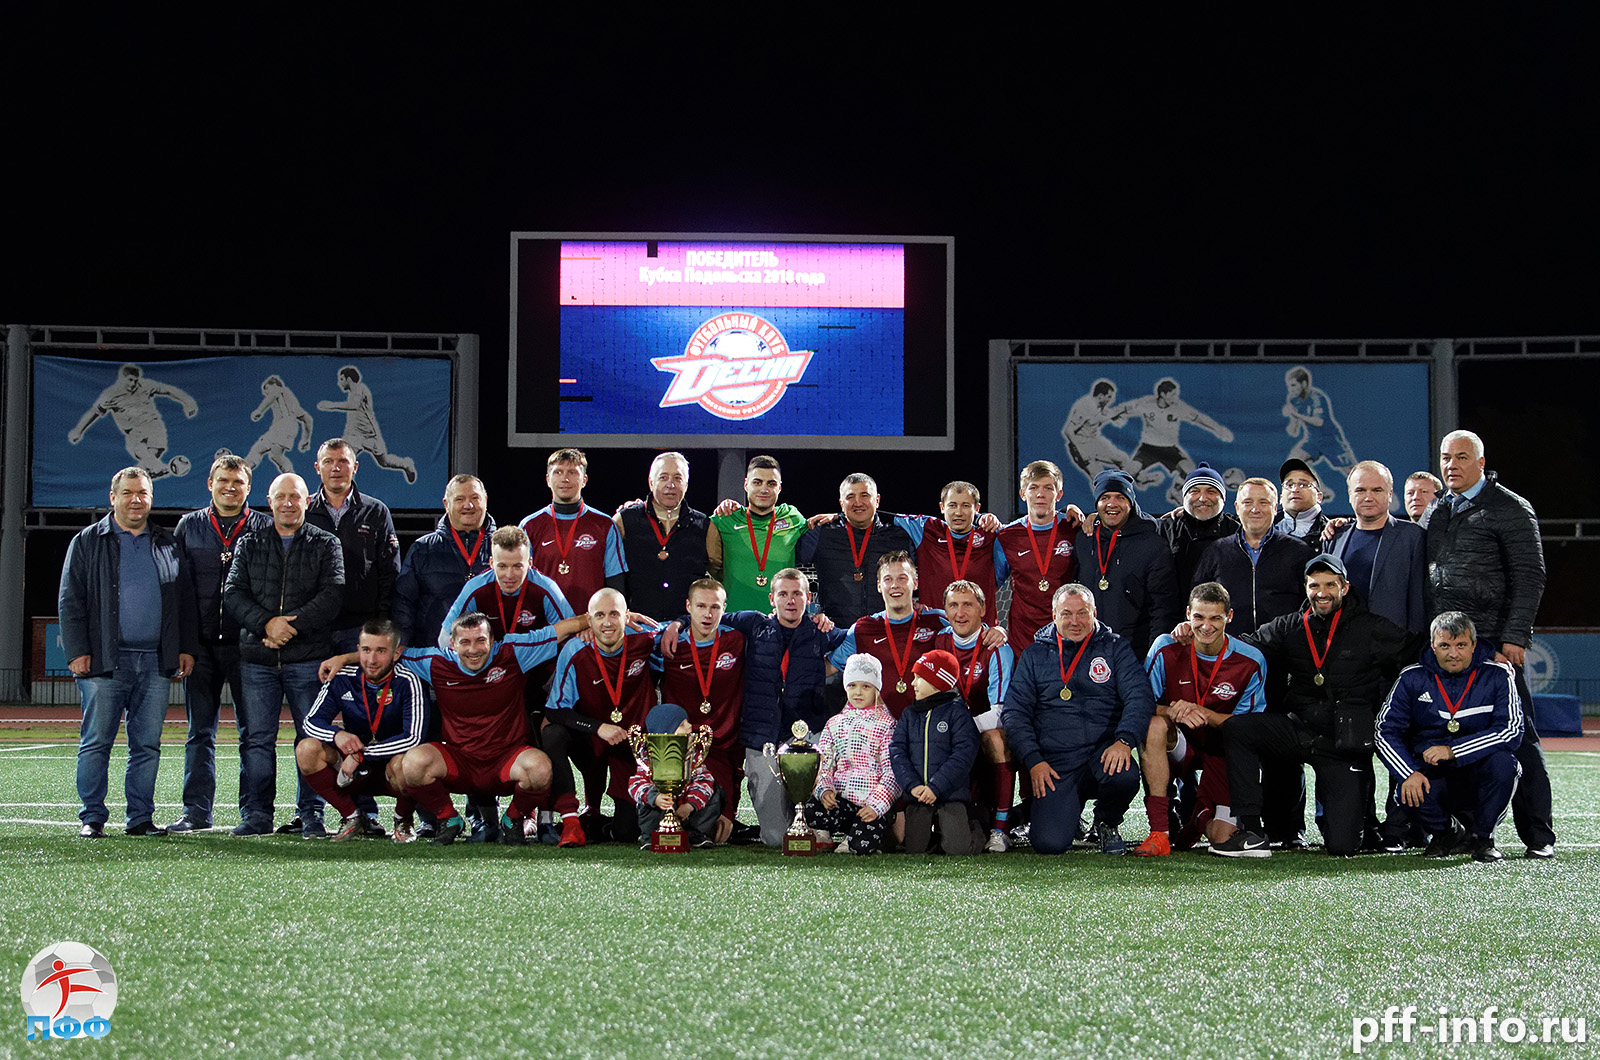 «Десна» выиграла Кубок Подольска по футболу